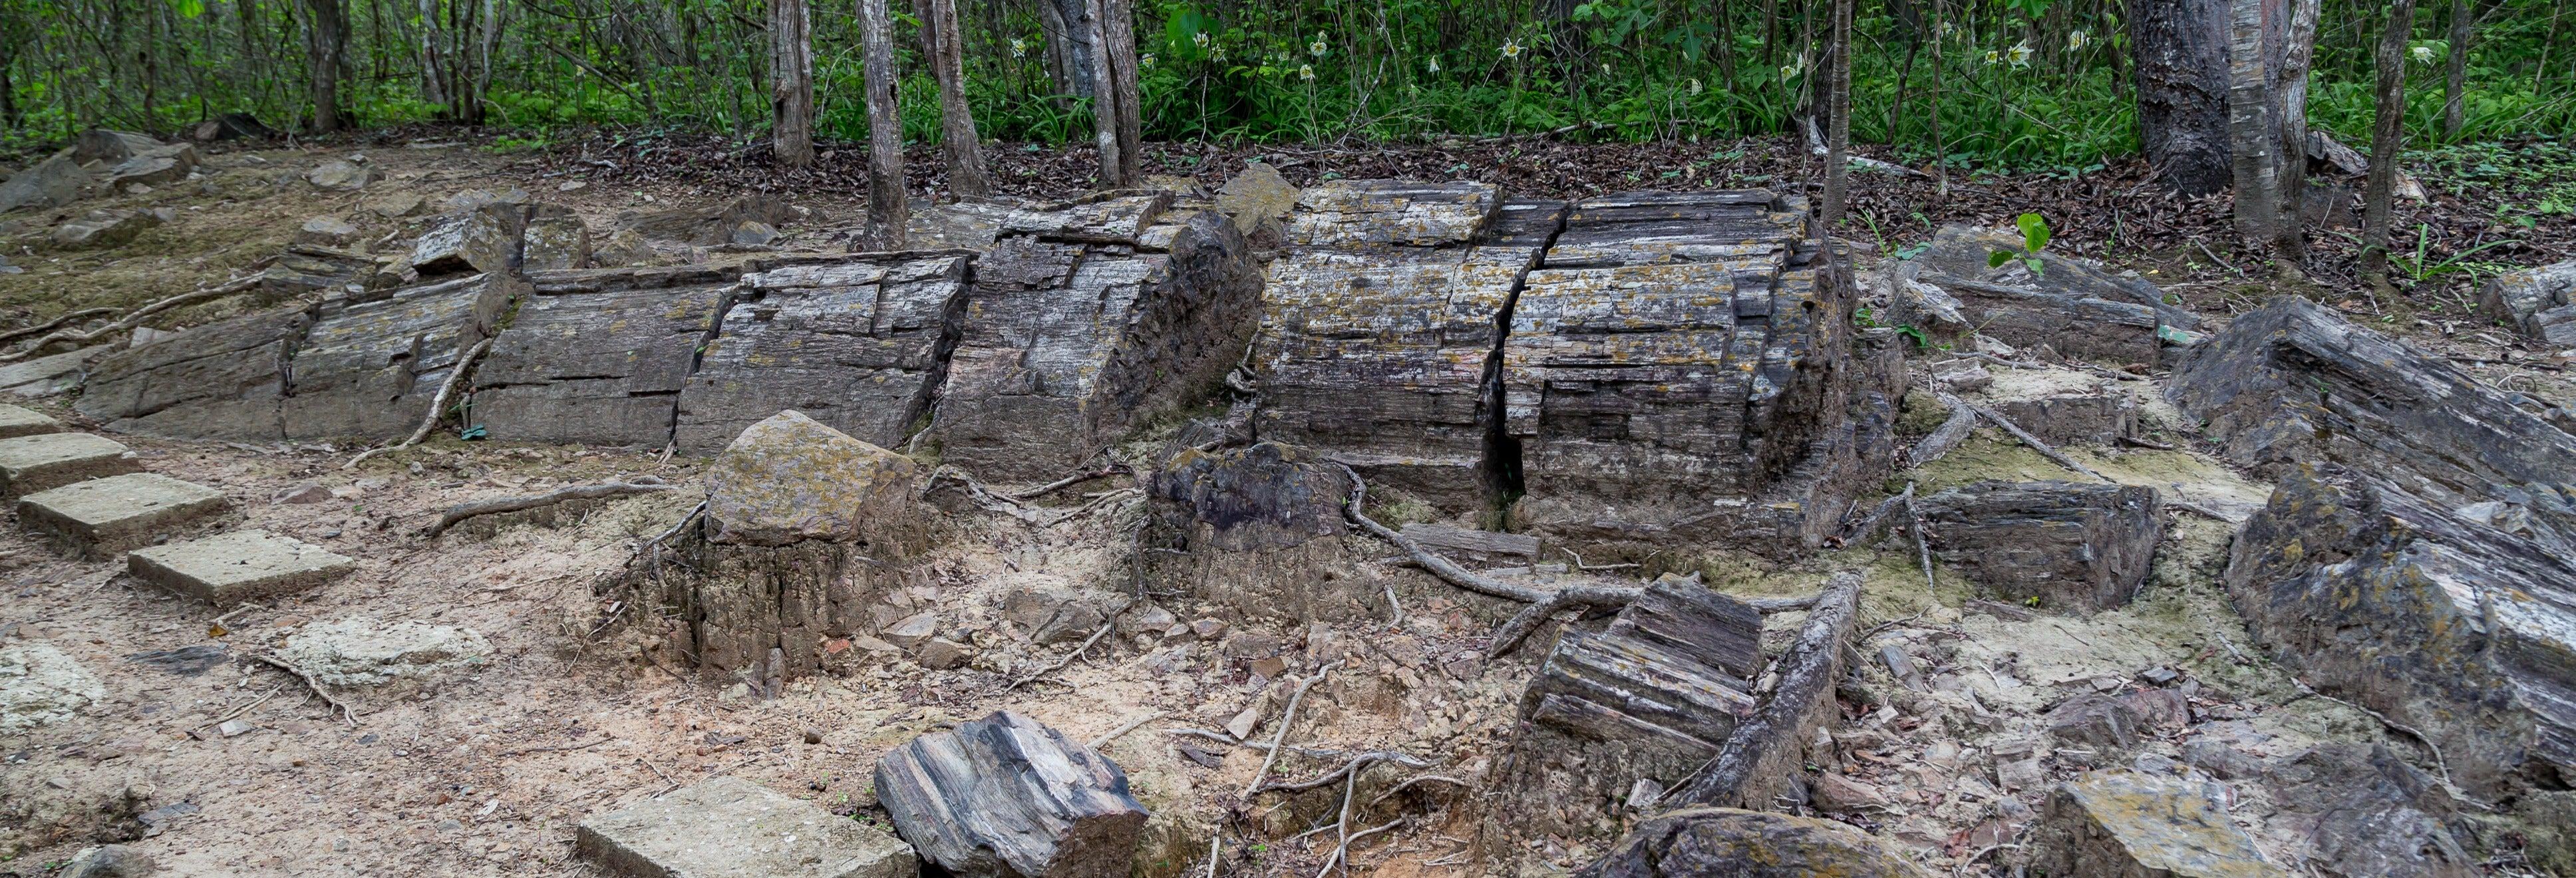 Excursión al bosque petrificado de Puyango